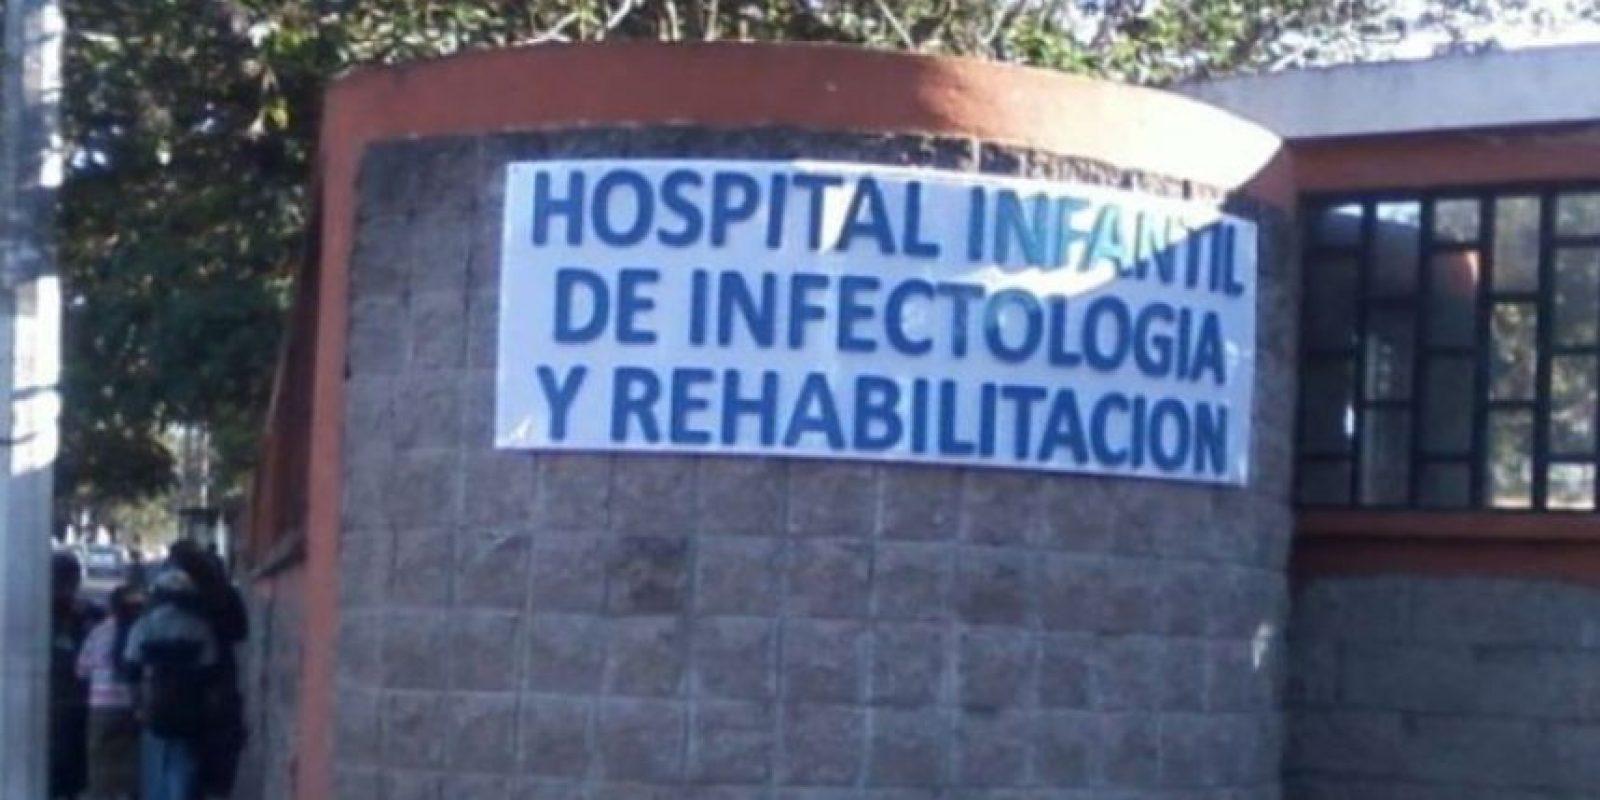 Foto:Hospital Infantil de Infectología